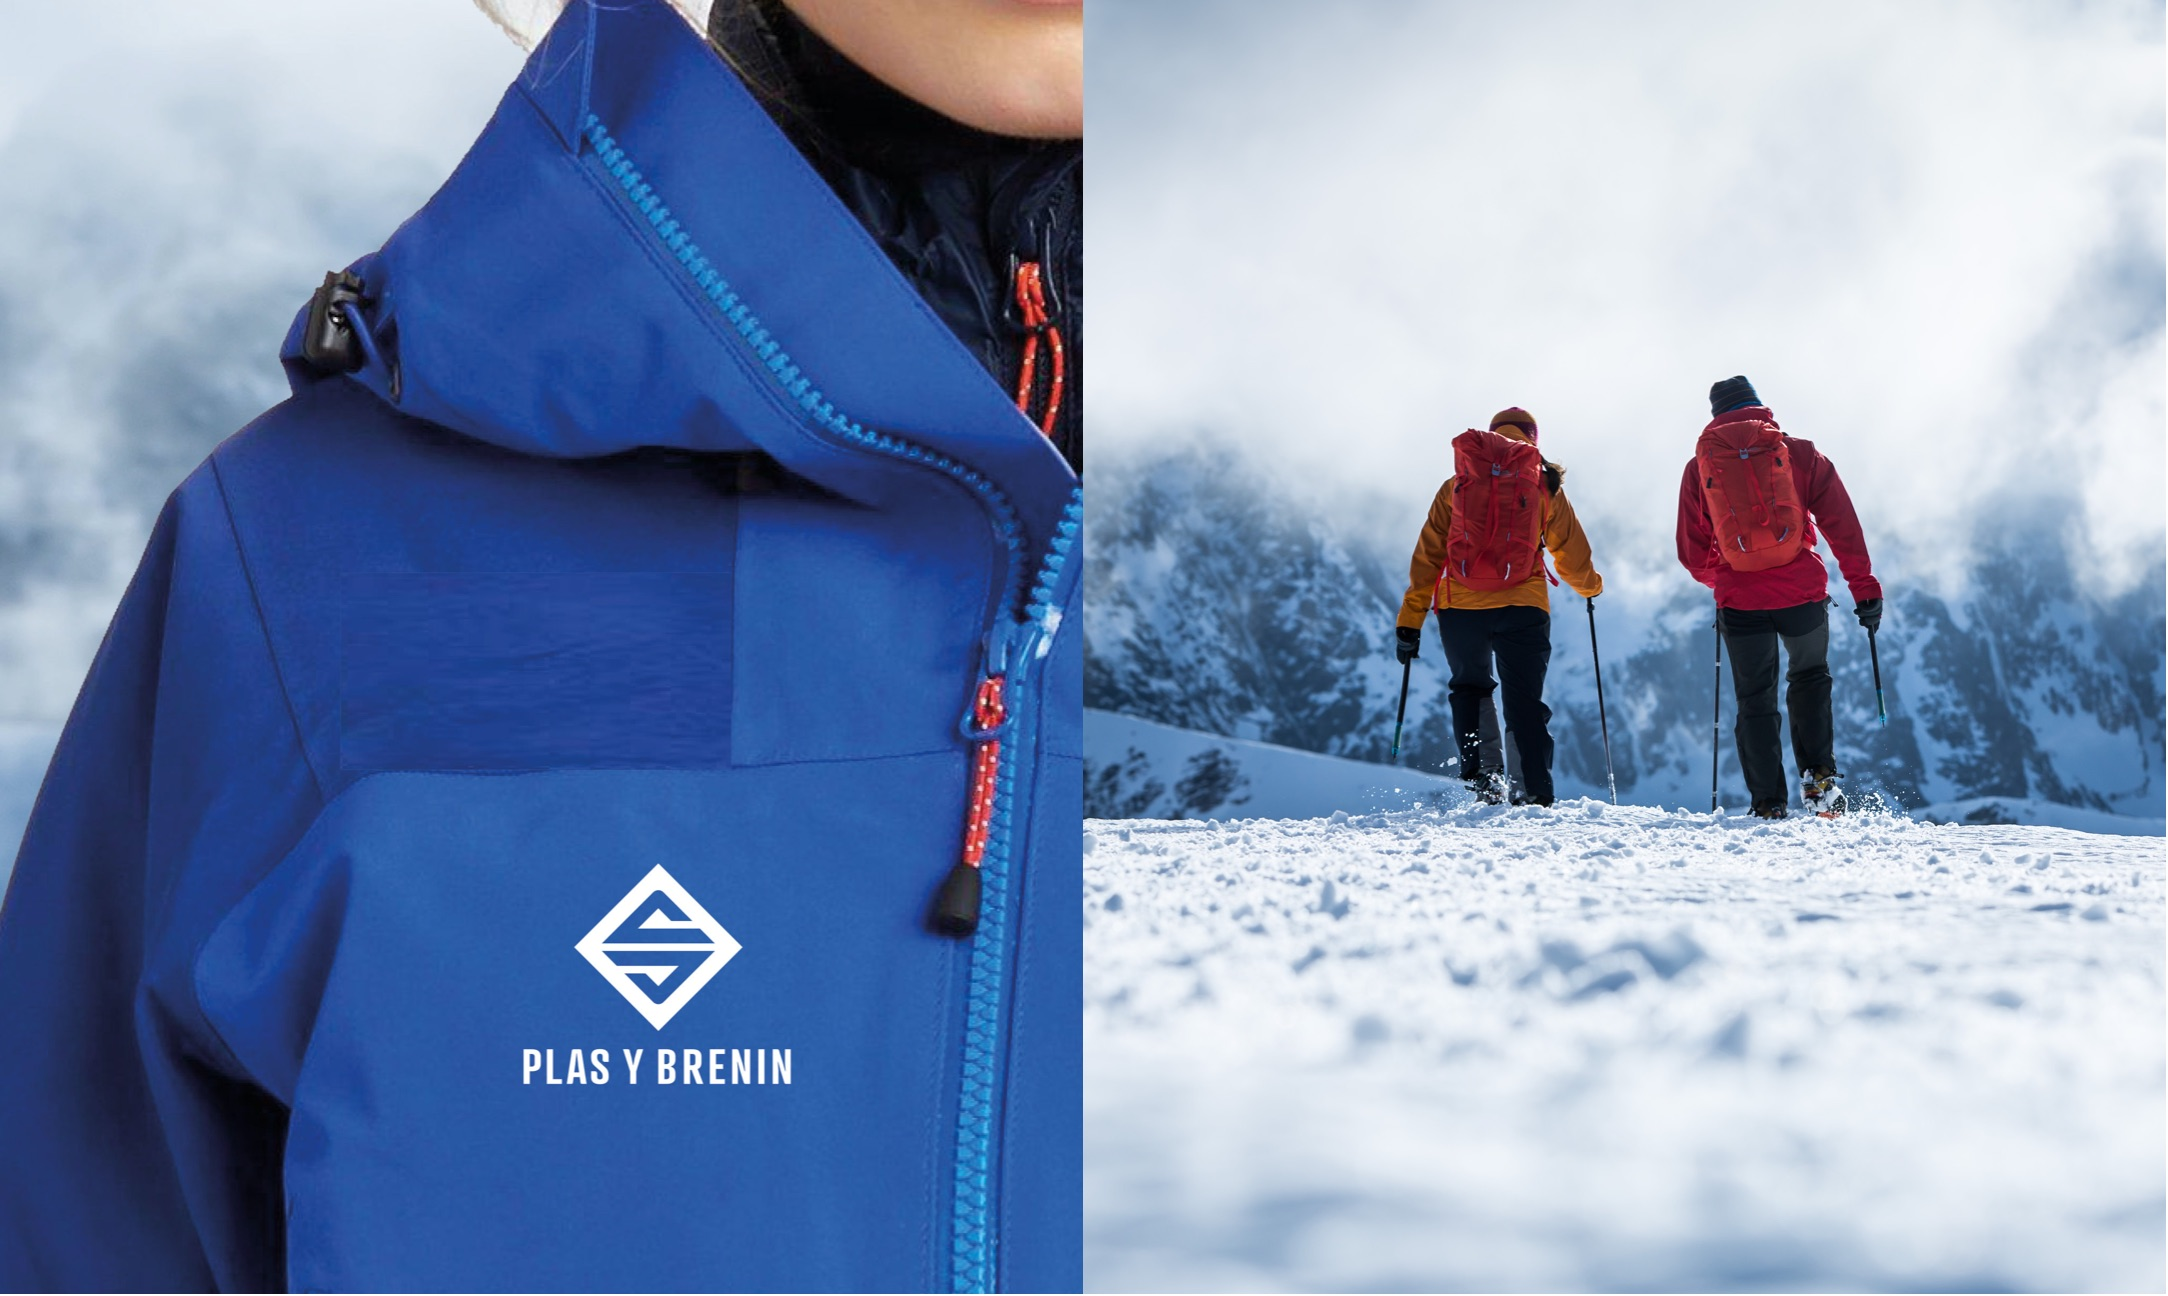 Plas Y Brenin (PYB) logo on outdoor wear & people in the snow